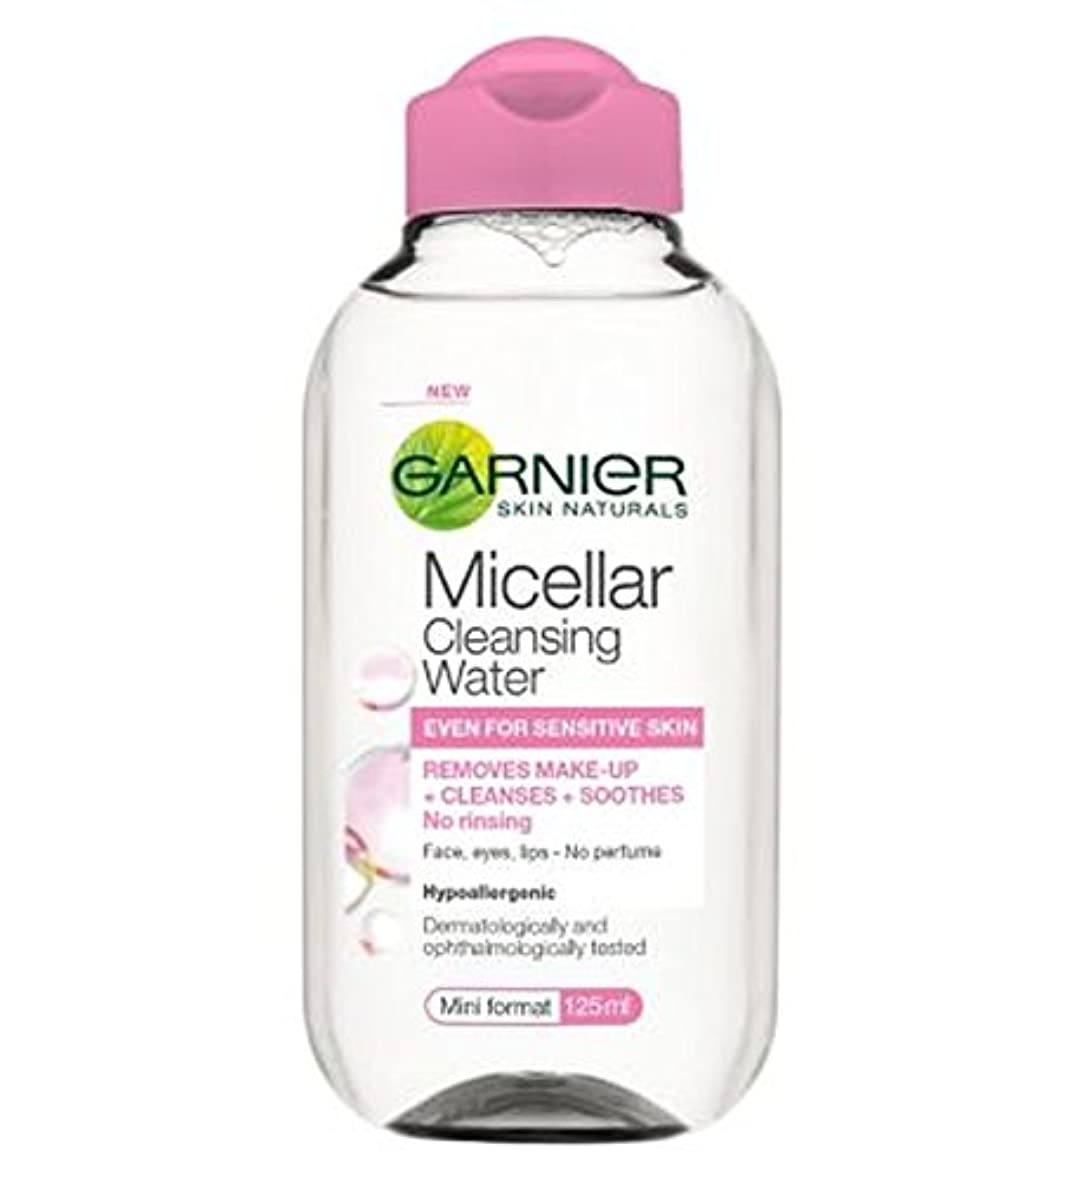 触手パンチ吸収剤ガルニエミセル洗浄水125ミリリットル (Garnier) (x2) - Garnier Micellar Cleansing Water 125ml (Pack of 2) [並行輸入品]